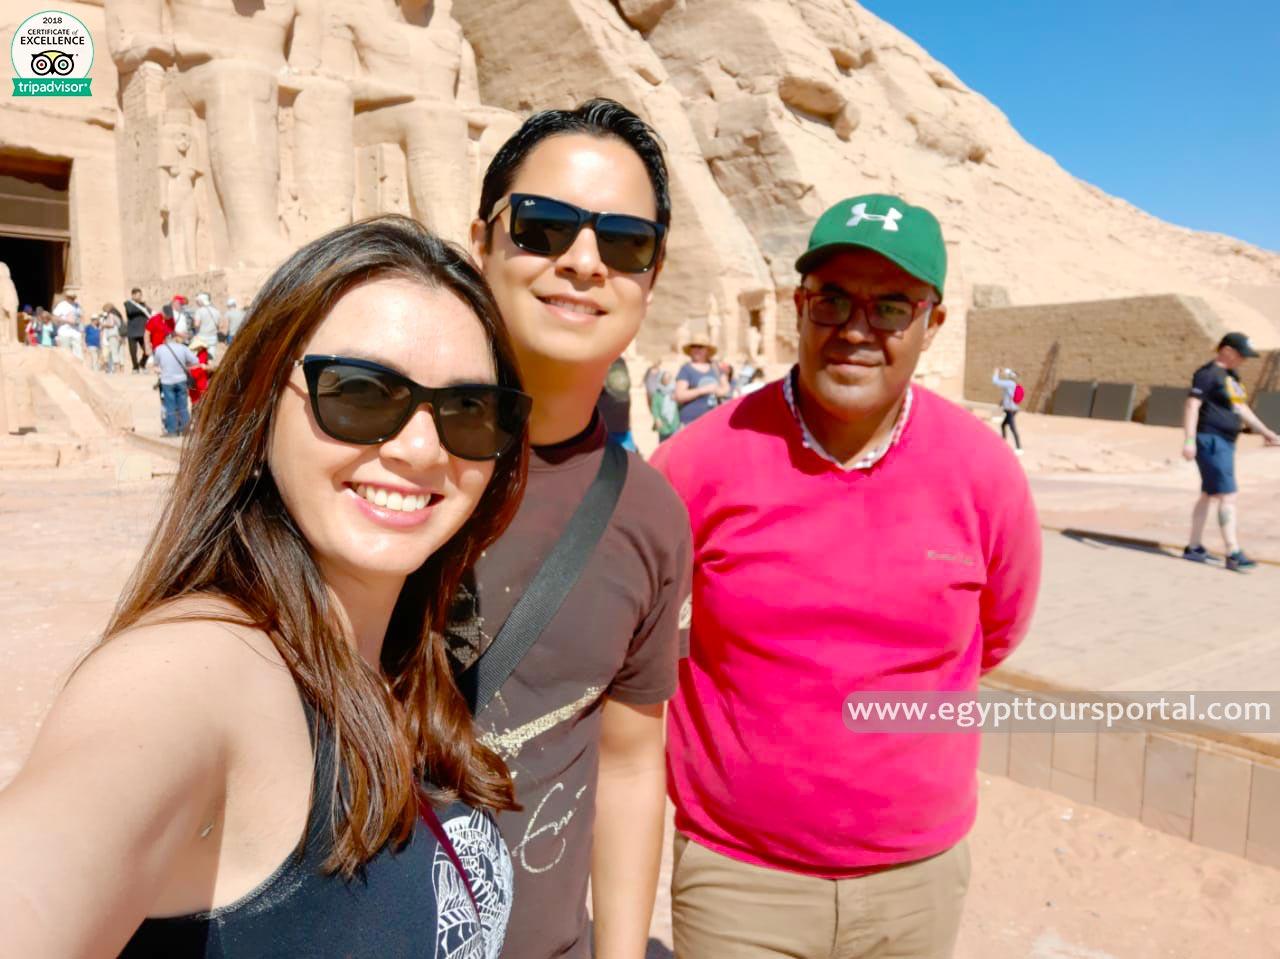 Abu Simbel - Aswan & Abu Simbel Tours from El Gouna - Egypt Tours Portal